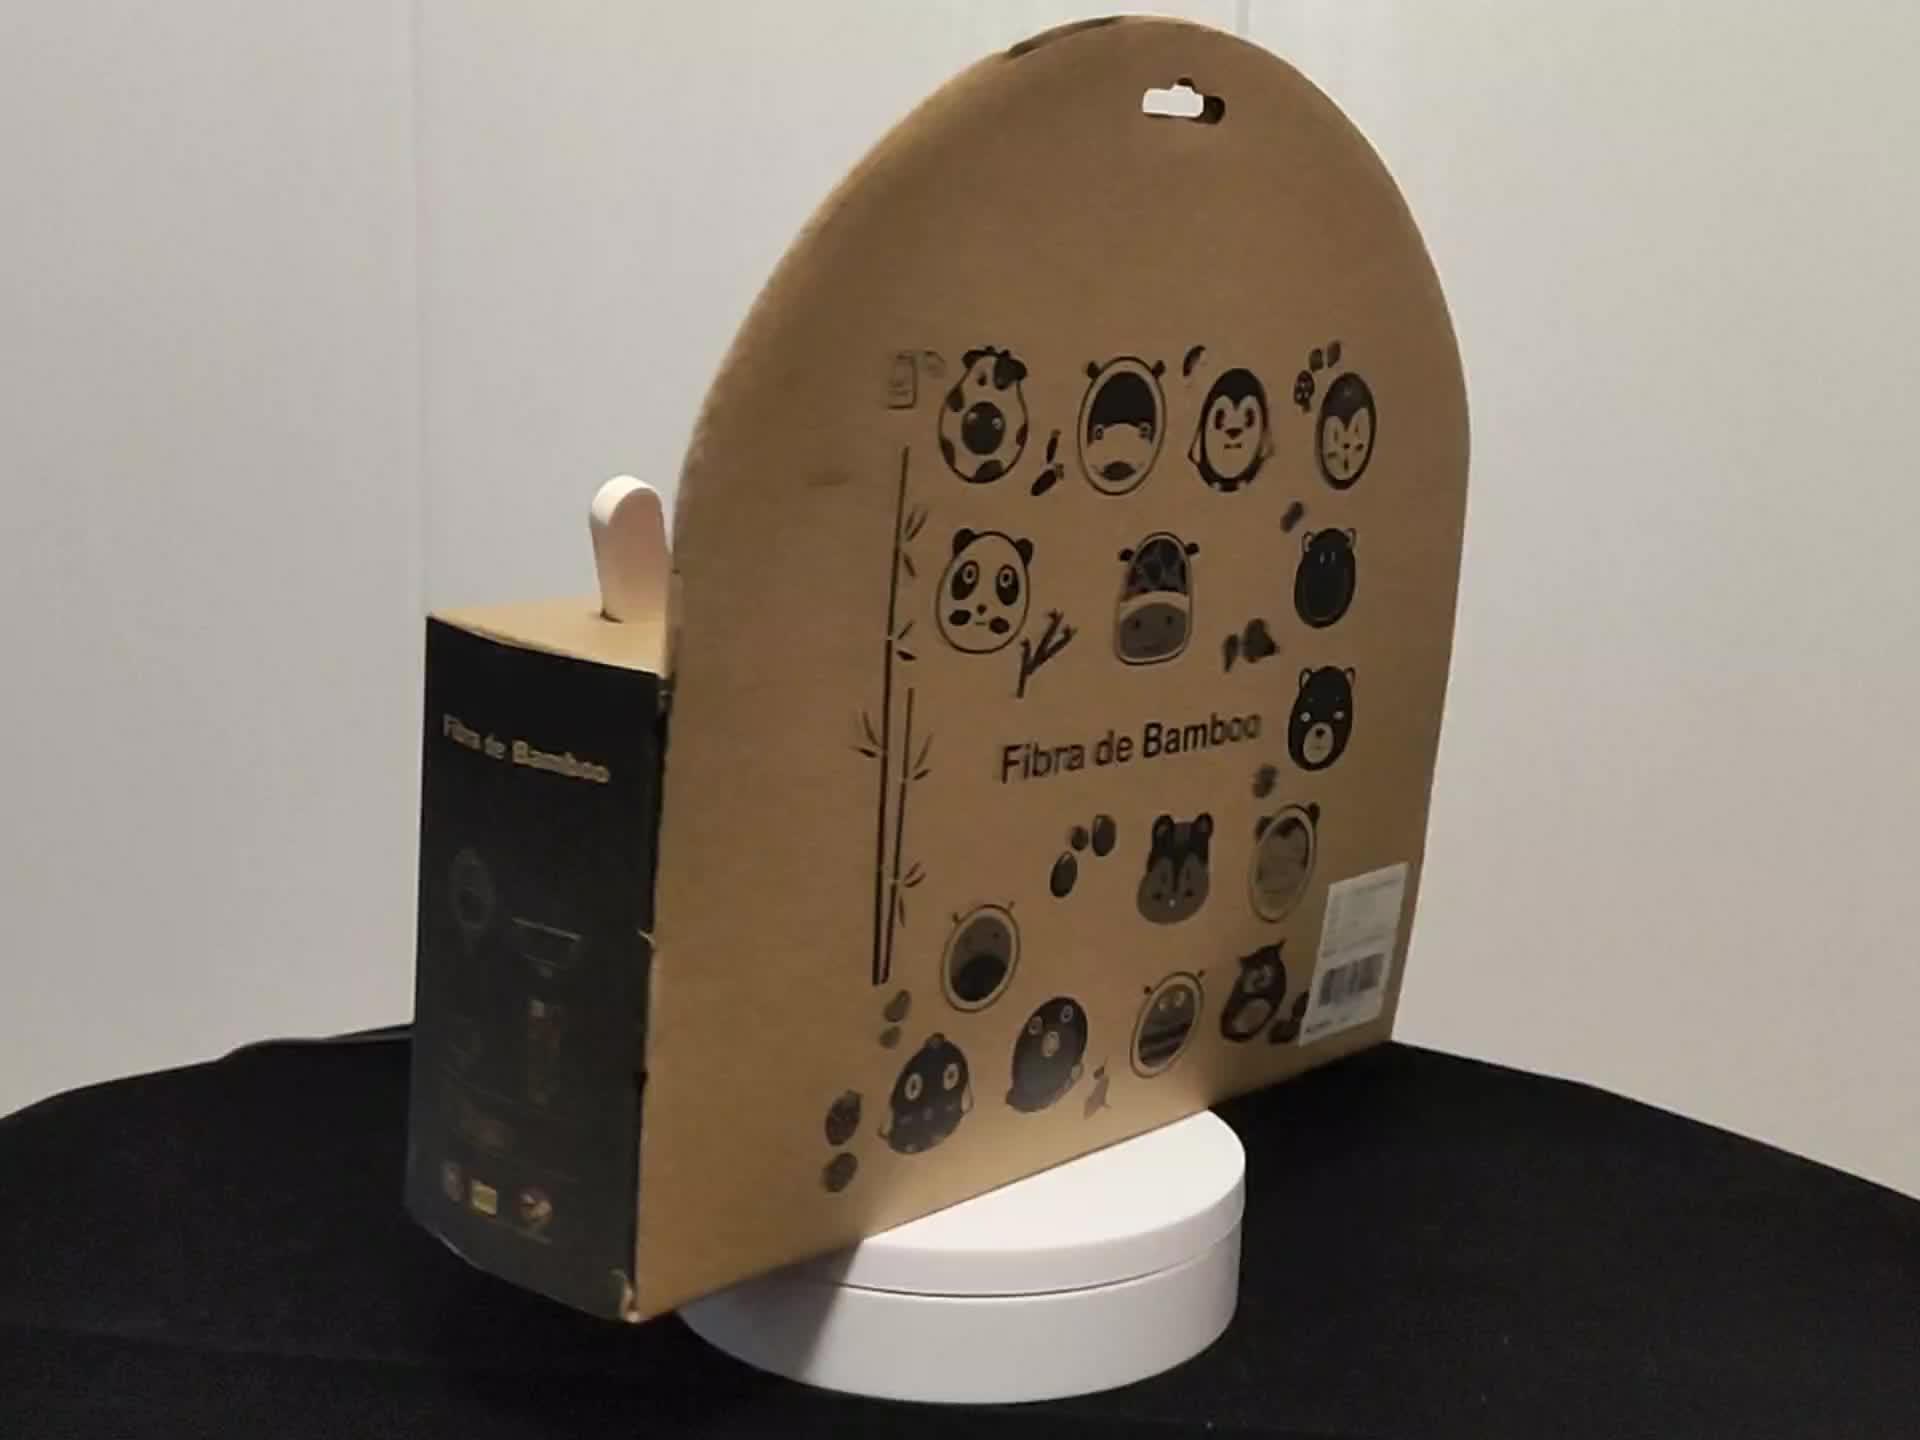 BPA मुक्त भालू मॉडल बच्चों बांस फाइबर बर्तन सेट प्लेटें, बच्चों बांस पुआल बर्तन सेट